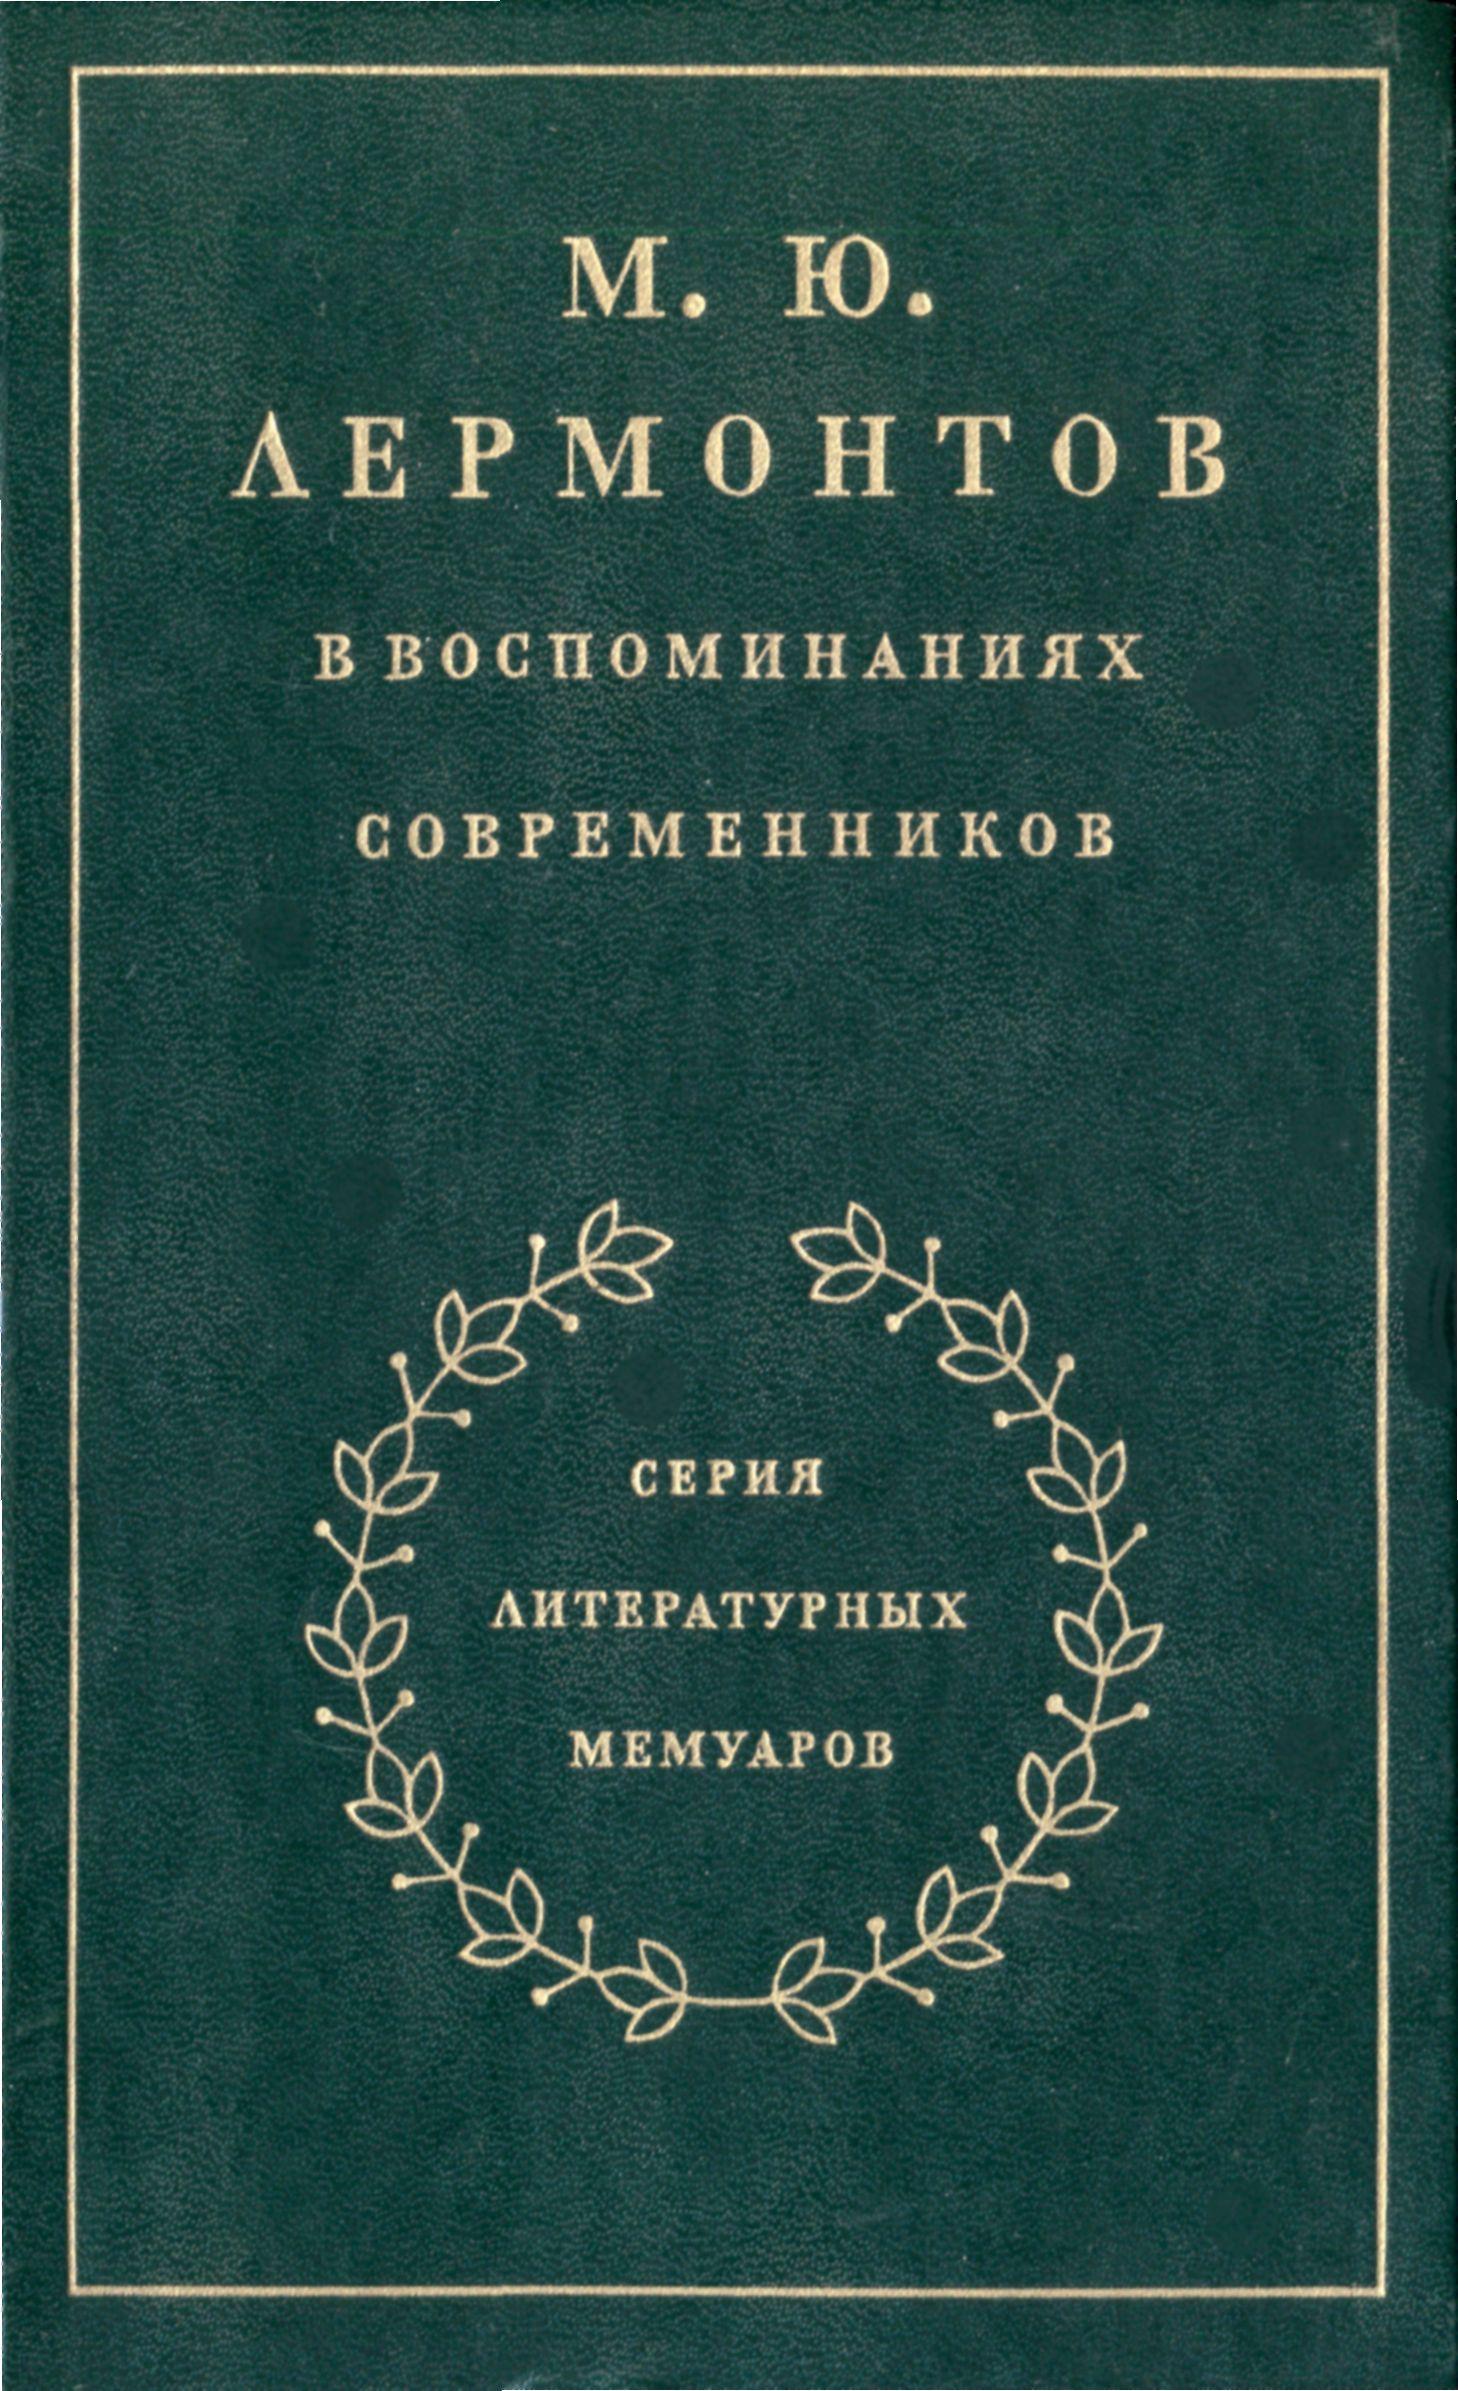 Скачать книгу боярин орша лермонтов